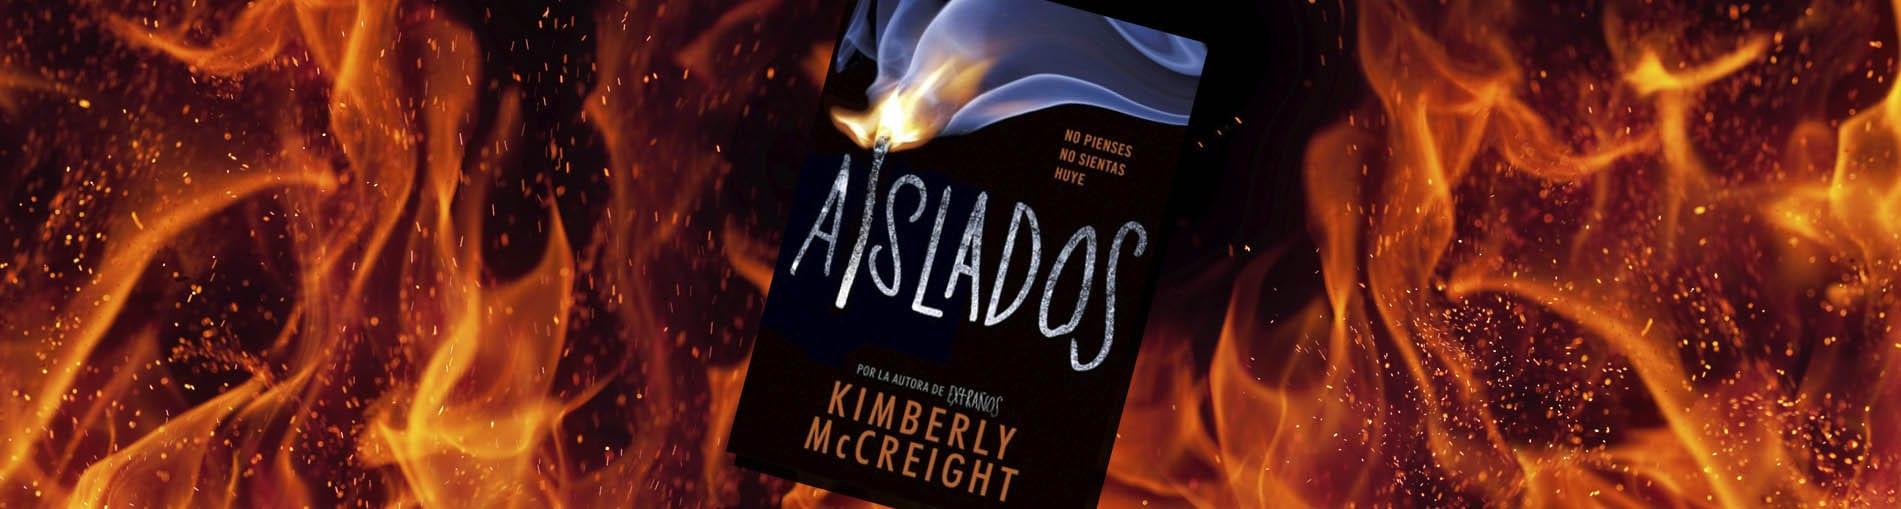 Resultado de imagen de reseña libro aislados kimberly